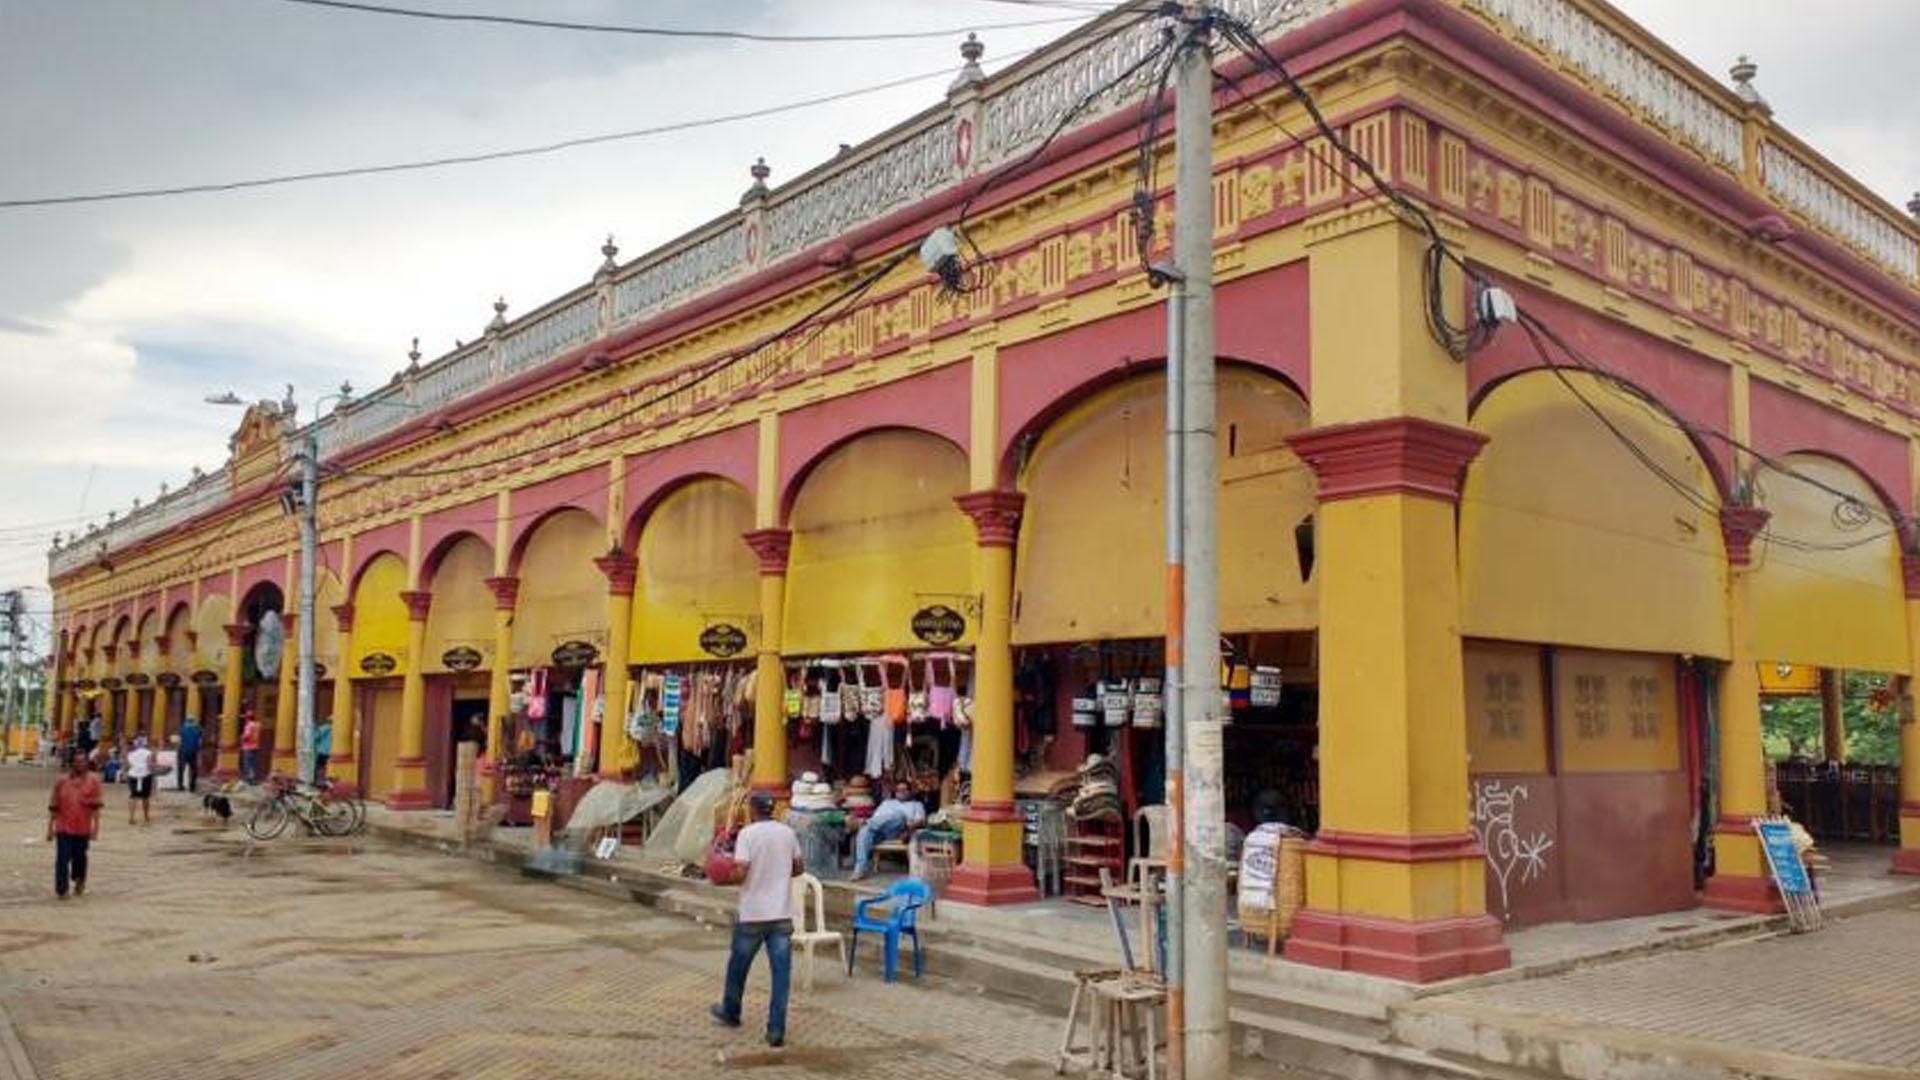 El mercado, una de sus zonas turísticas.